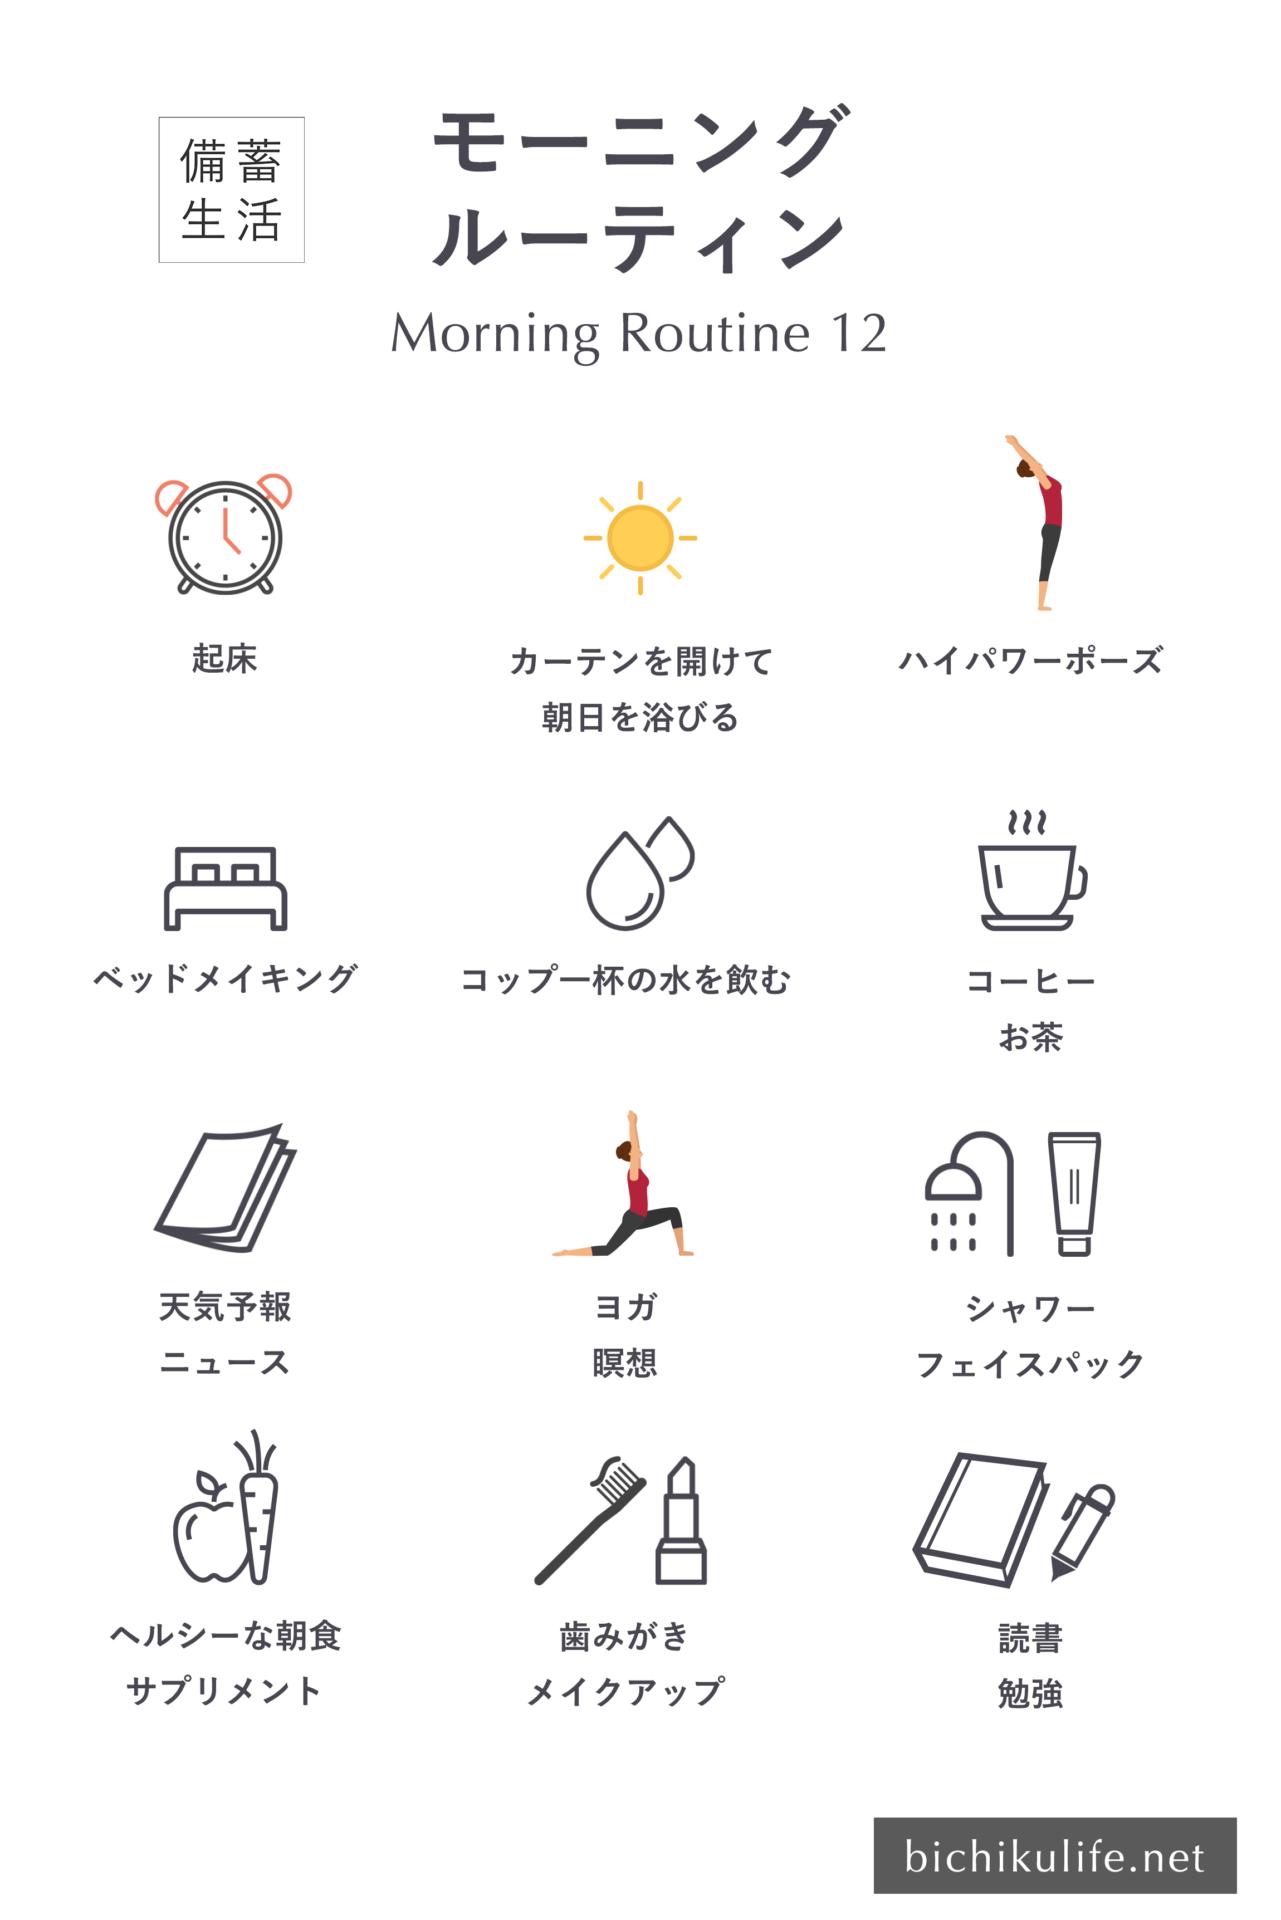 朝活 モーニングルーティン12|Morning Routine 12